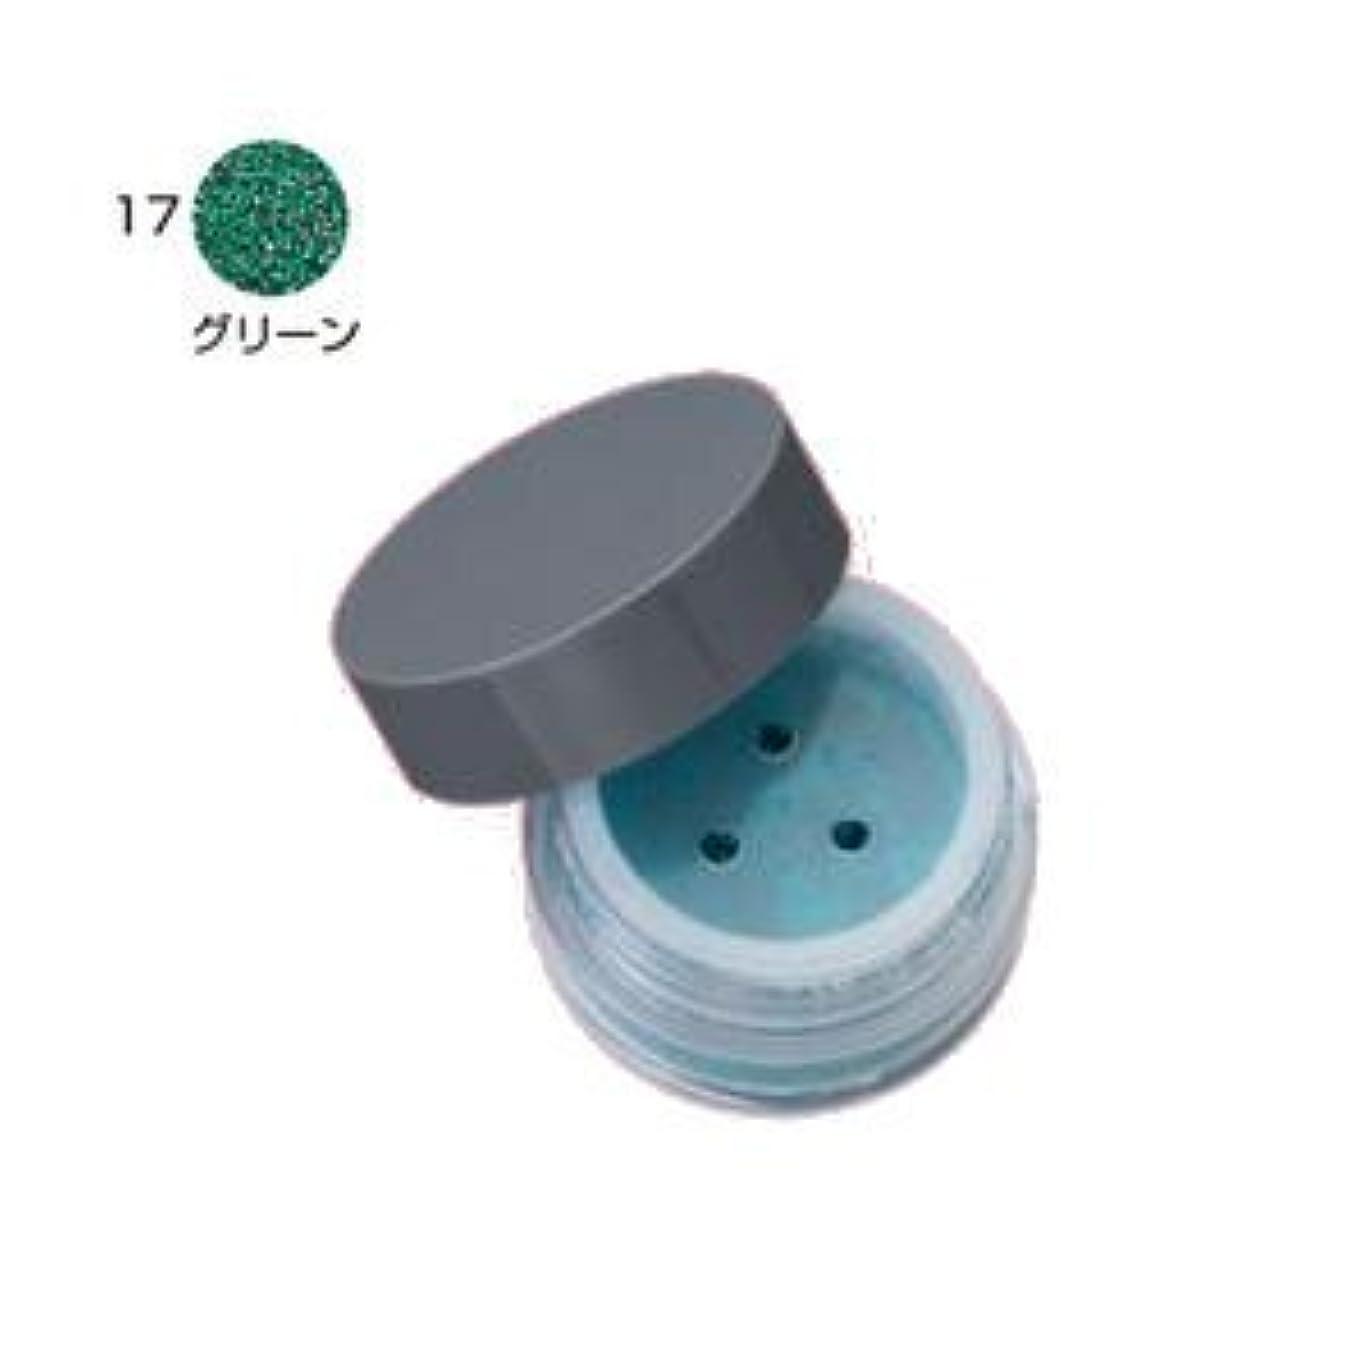 武器乱す筋肉の三善 ミツヨシ カラープリズム 17 グリーン